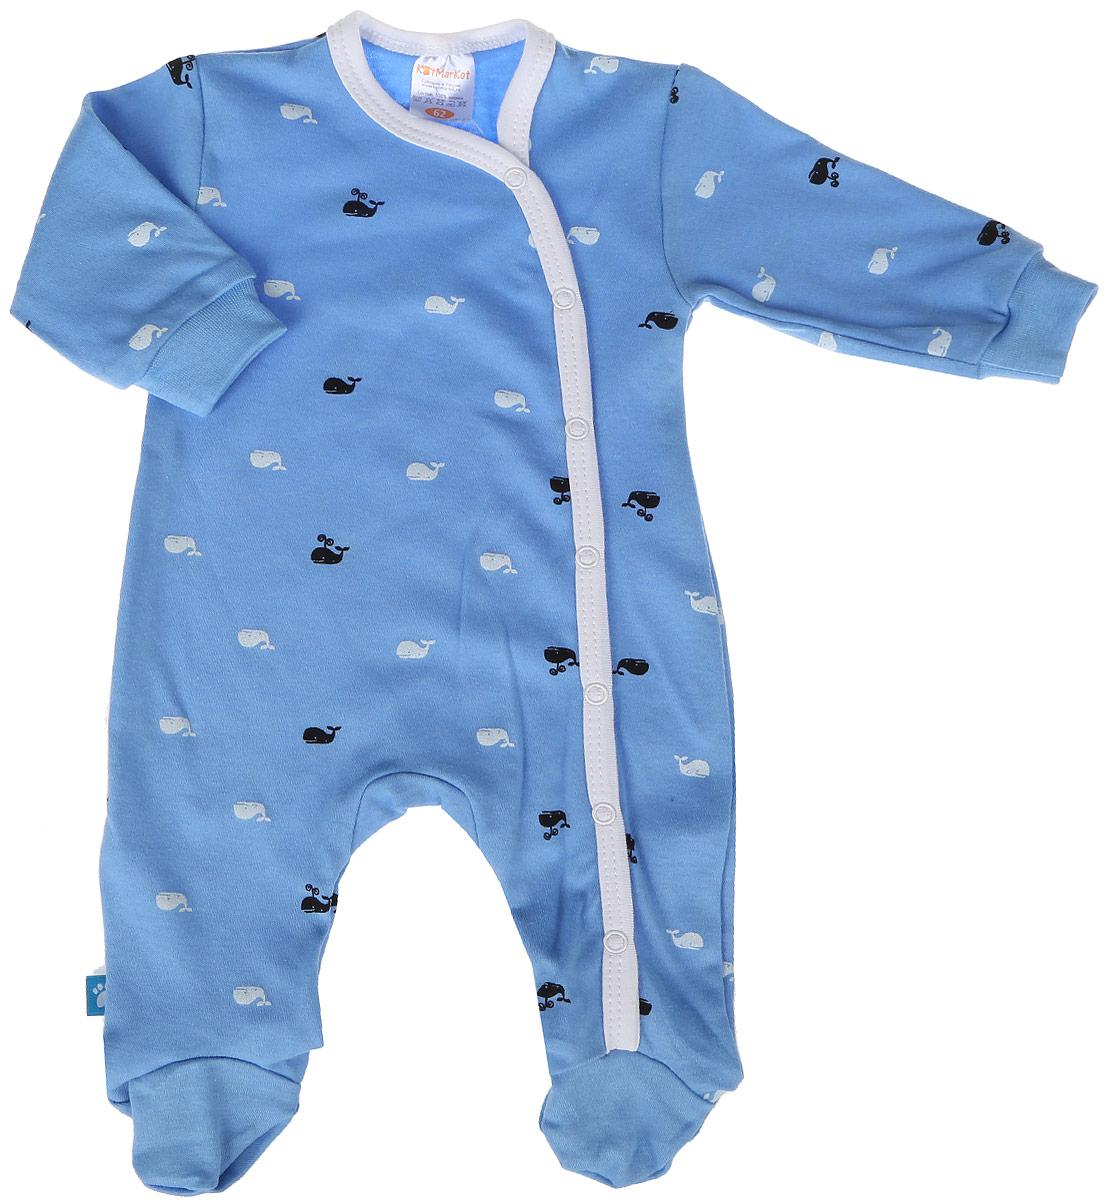 Комбинезон домашний для мальчика КотМарКот, цвет: синий, белый. 6311. Размер 566311Комбинезон домашний для мальчика КотМарКот выполнен из качественного материала. Модель с длинными рукавами застегивается на кнопки.